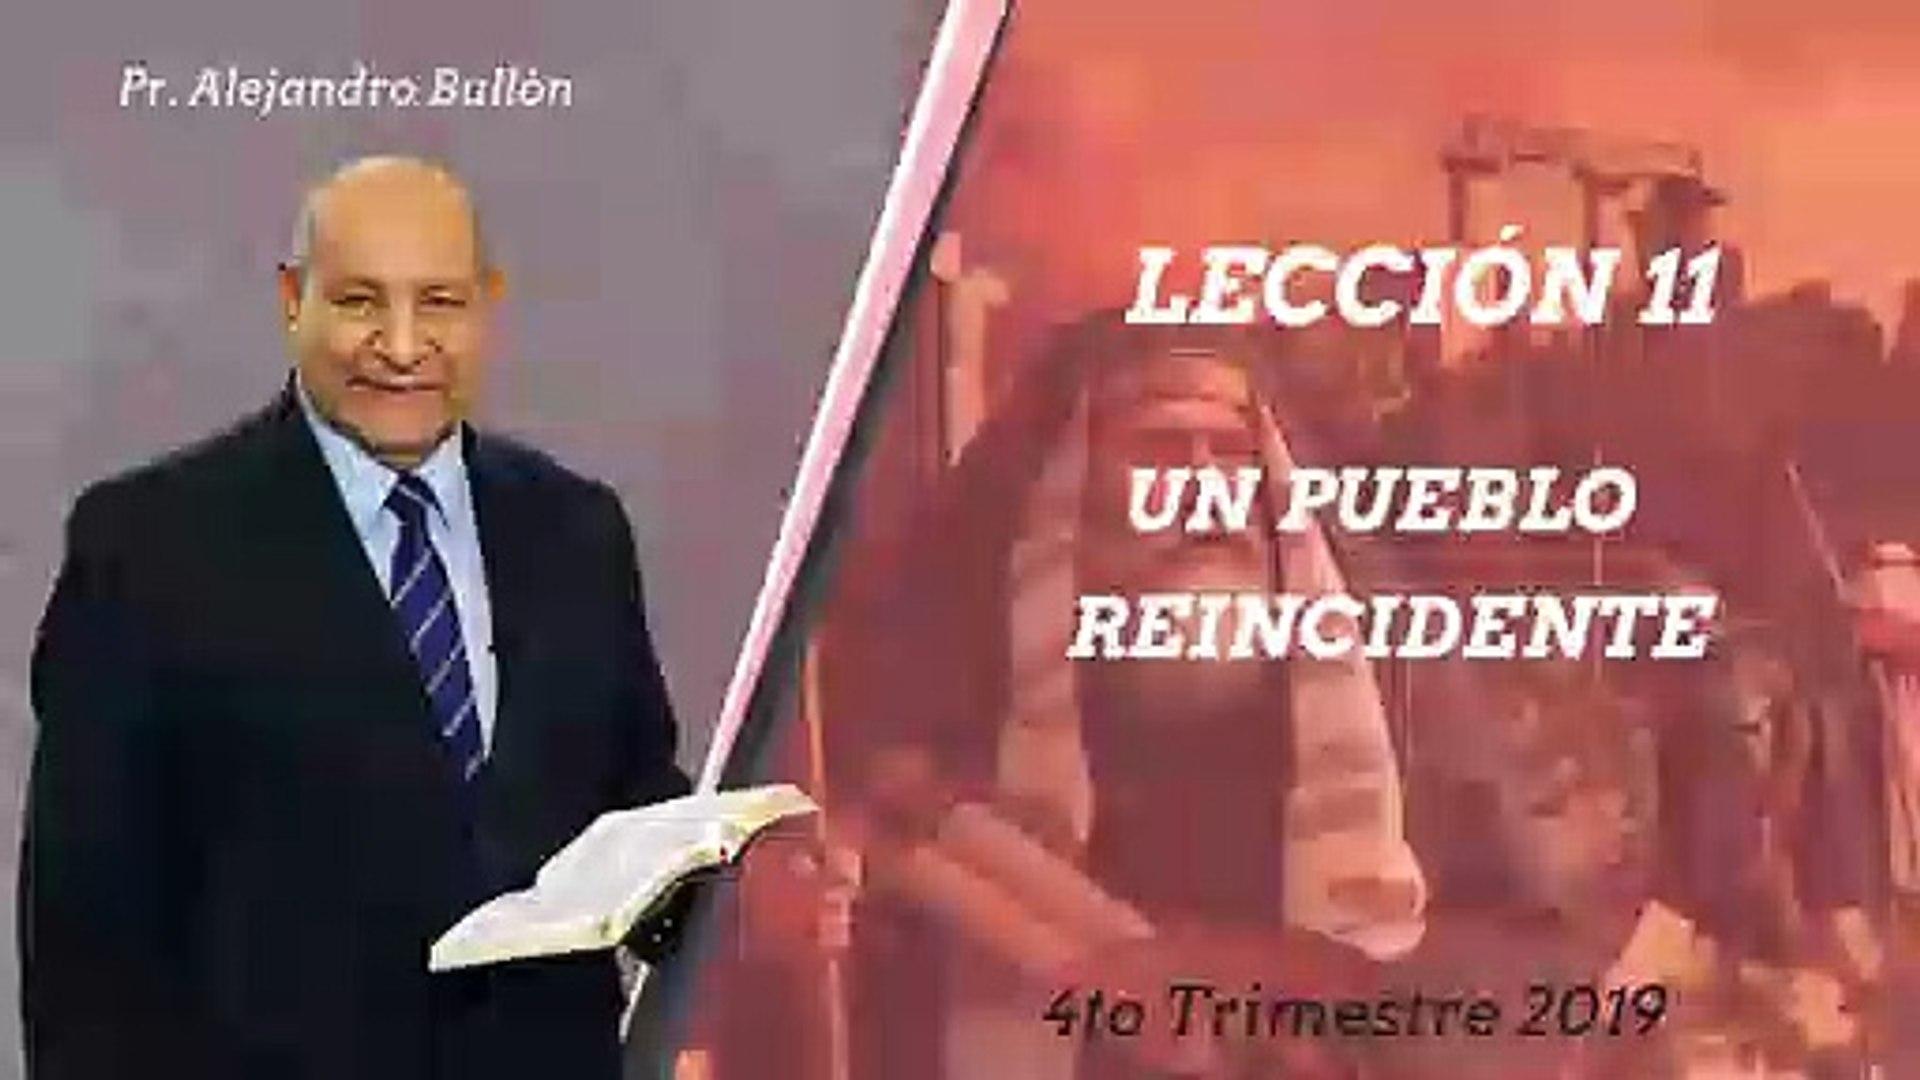 Leccion 11: Un pueblo reincidente - Pr. Alejandro Bullon